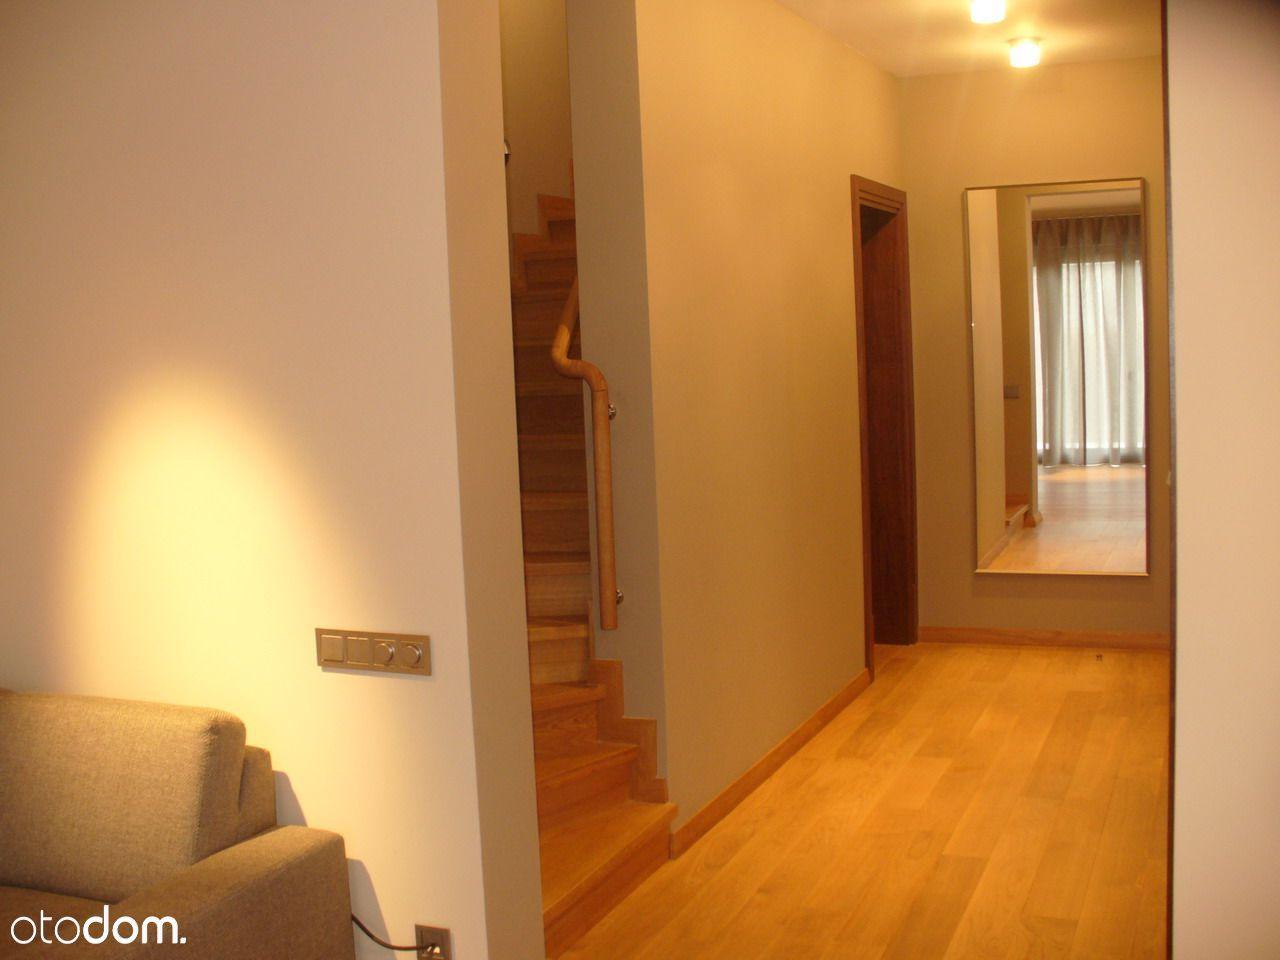 Dom na sprzedaż, Poznań, Podolany - Foto 2